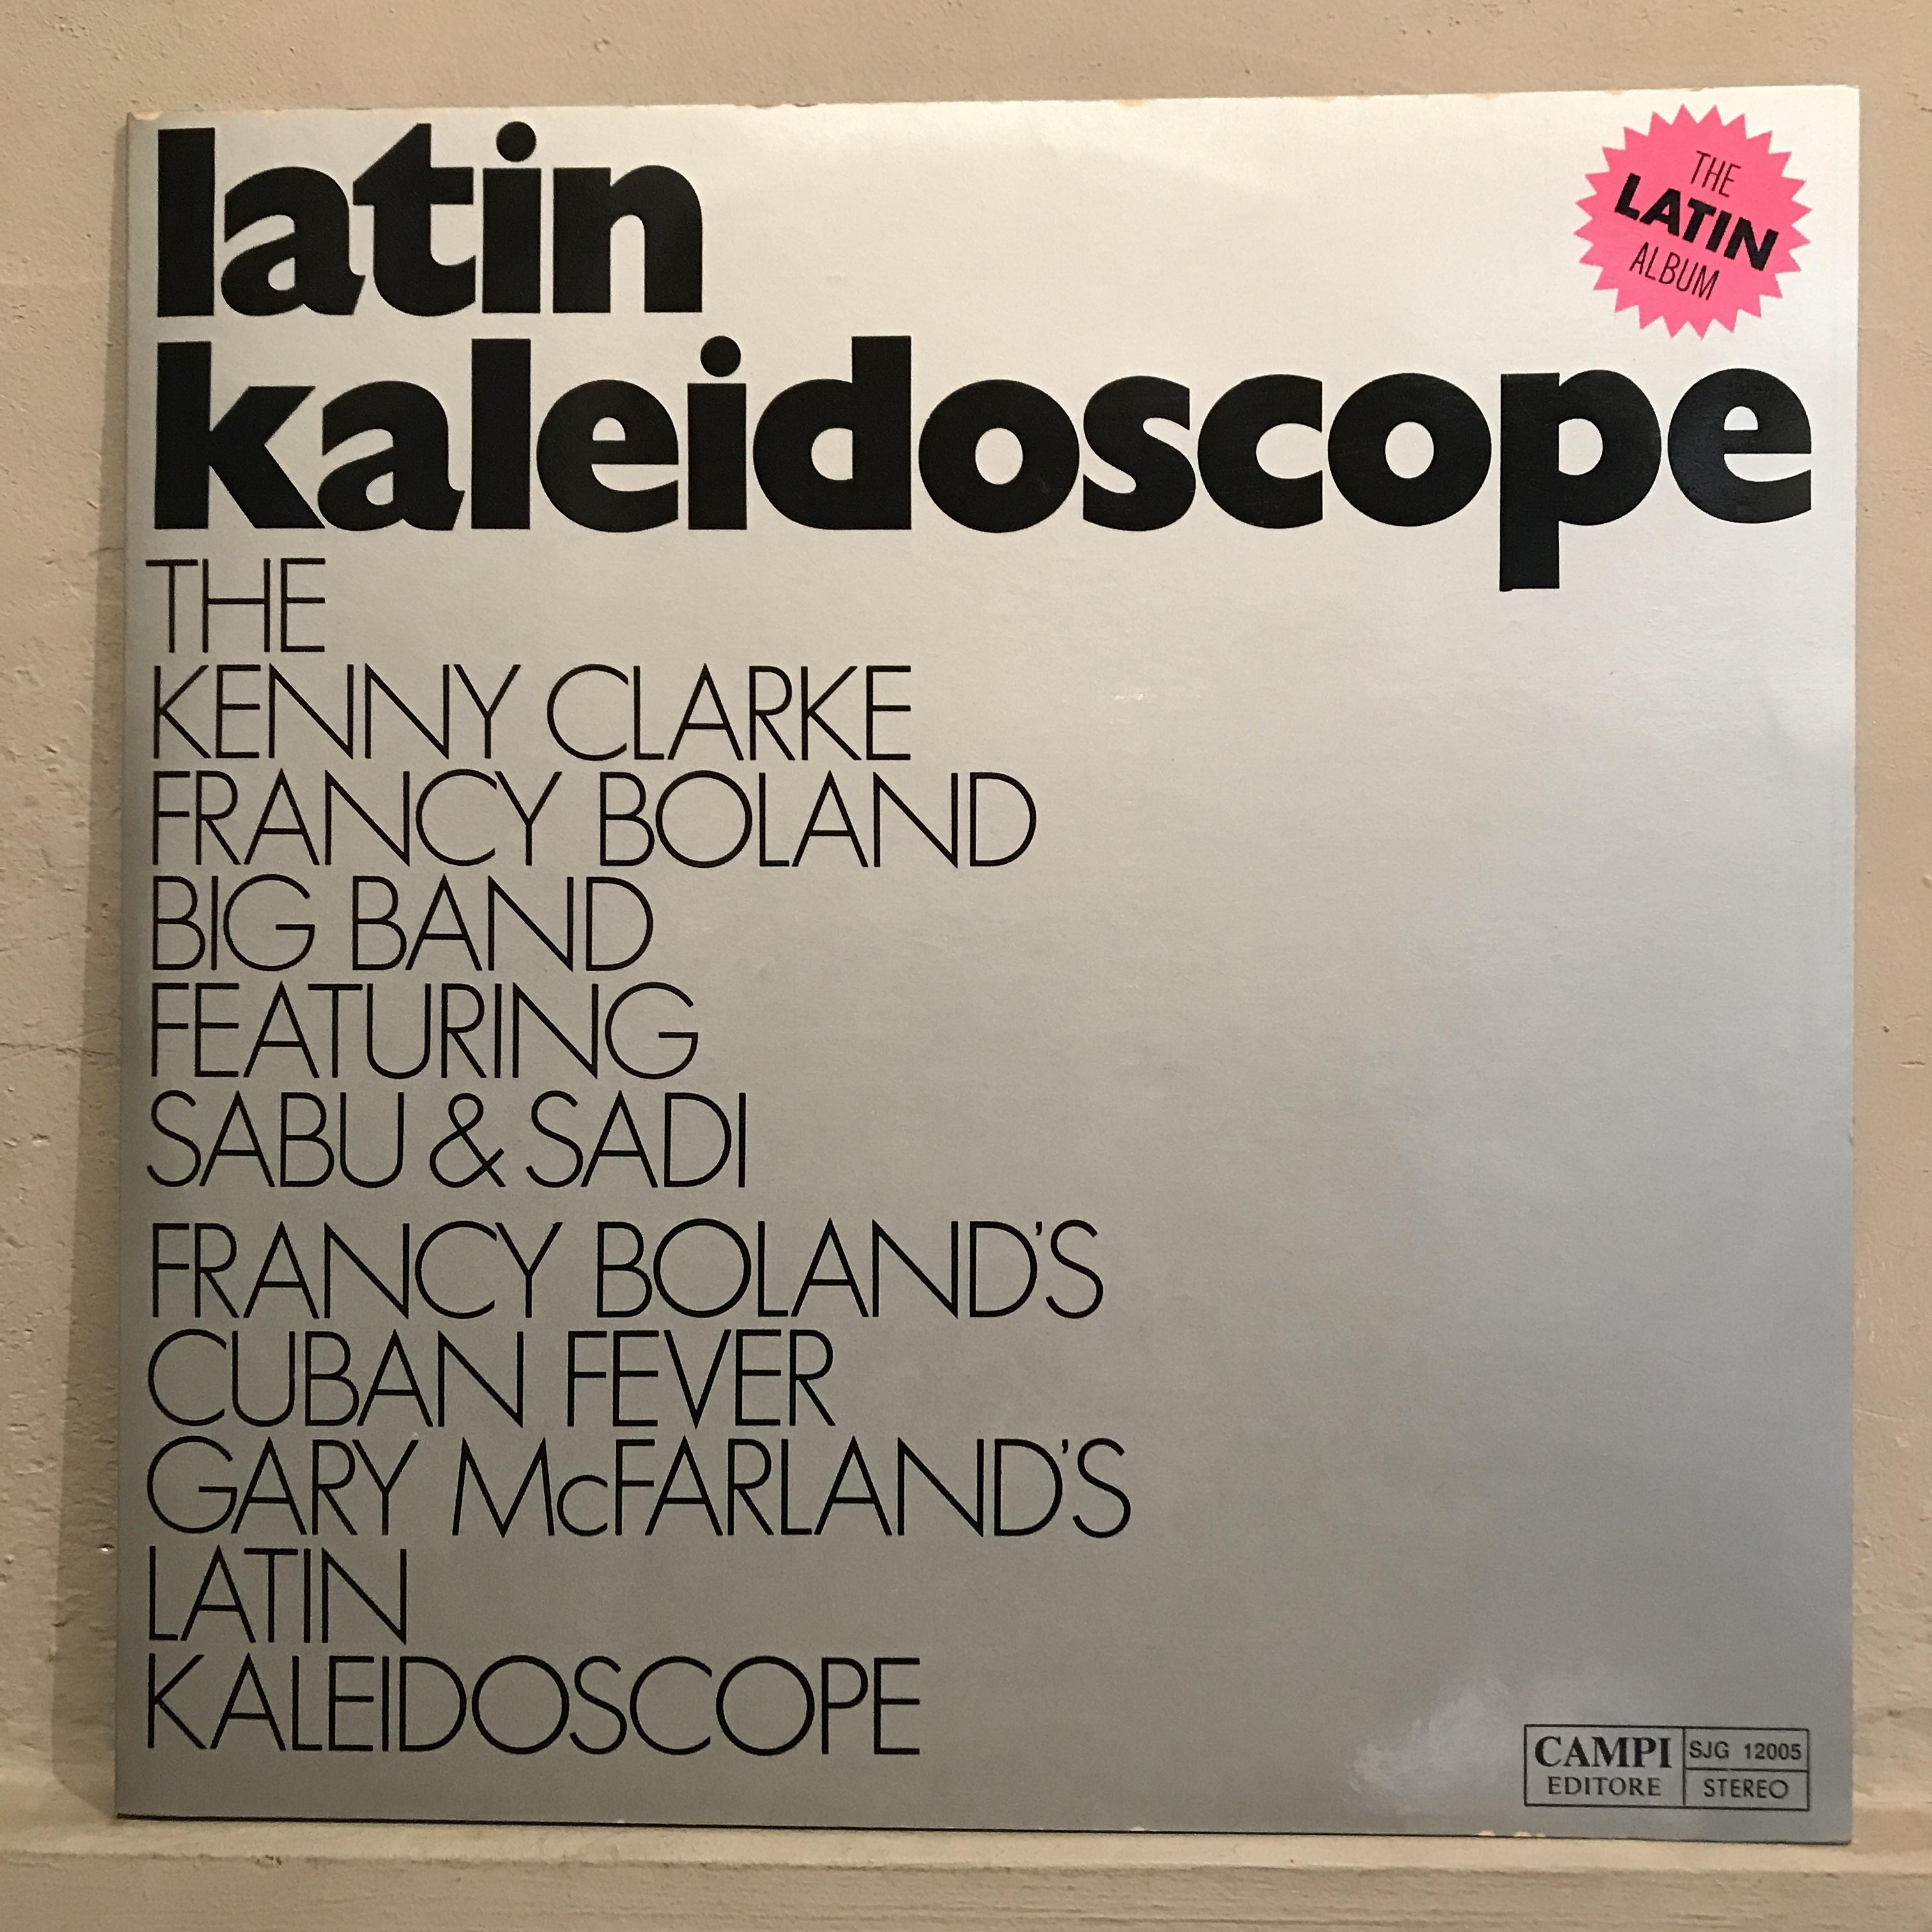 ●THE KENNY CLARKE - FRANCY BOLAND BIG BAND/LATIN KALEIDOSCOPE